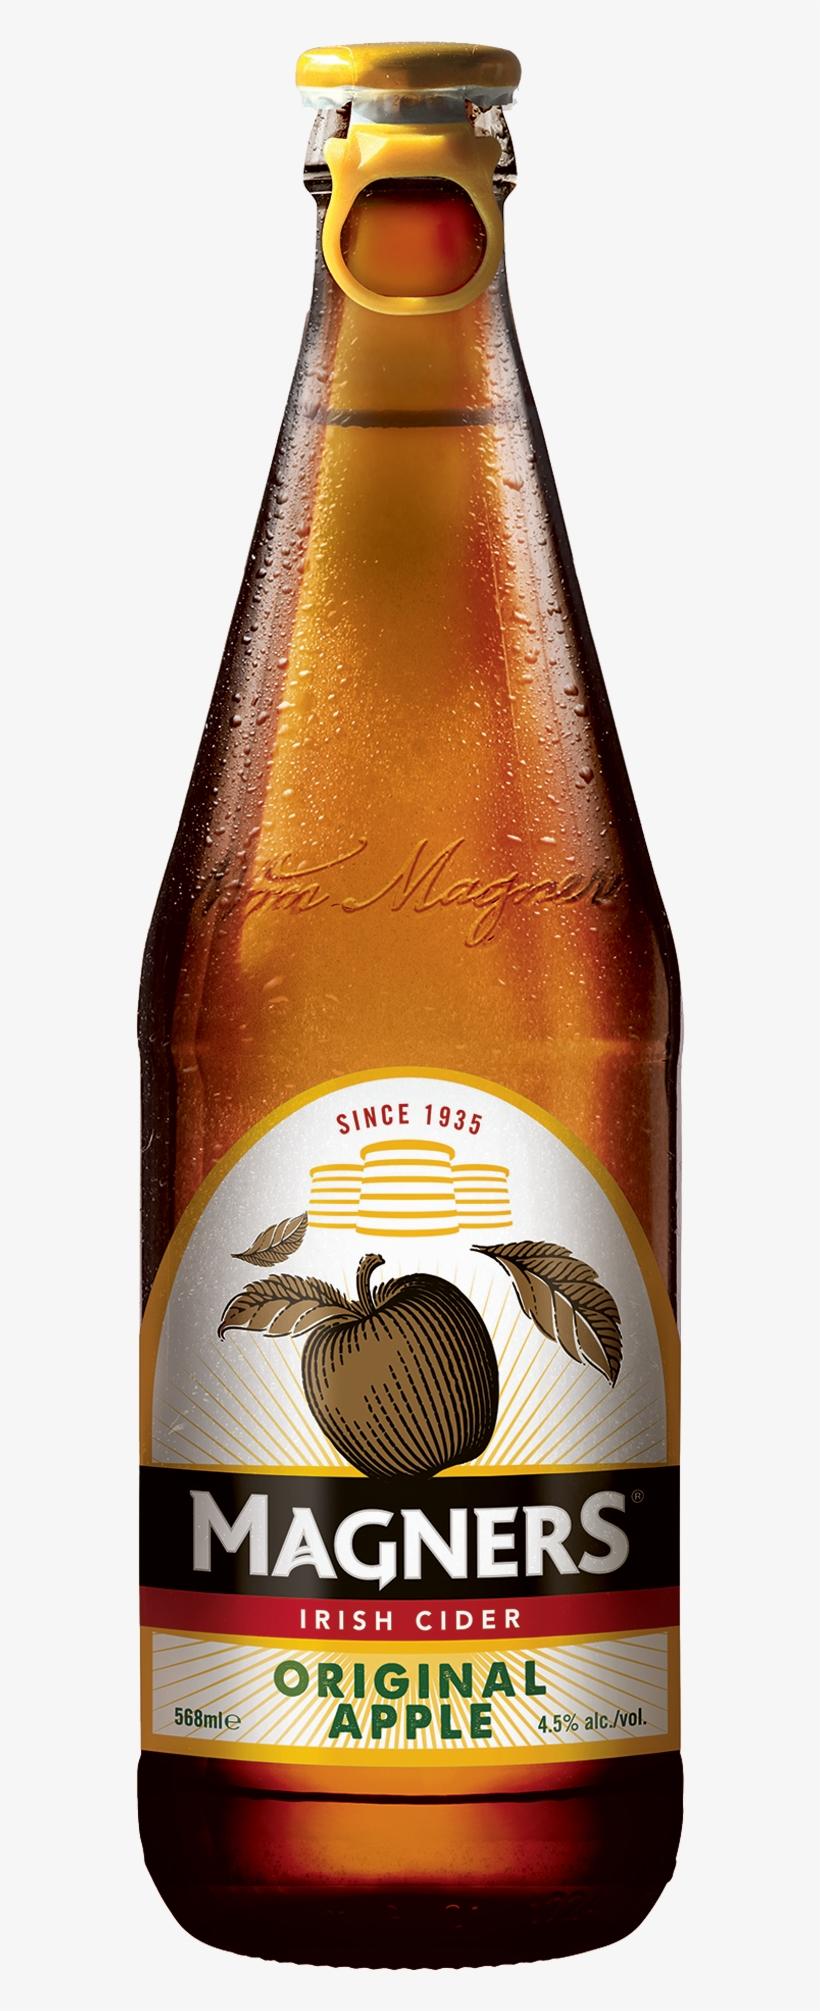 Download Magners Original Cider Bottles 568ml Bottle Magners Original Apple Cider For Free Nicepng Provides Large Related Hd Transp Bottle Cider Apple Cider